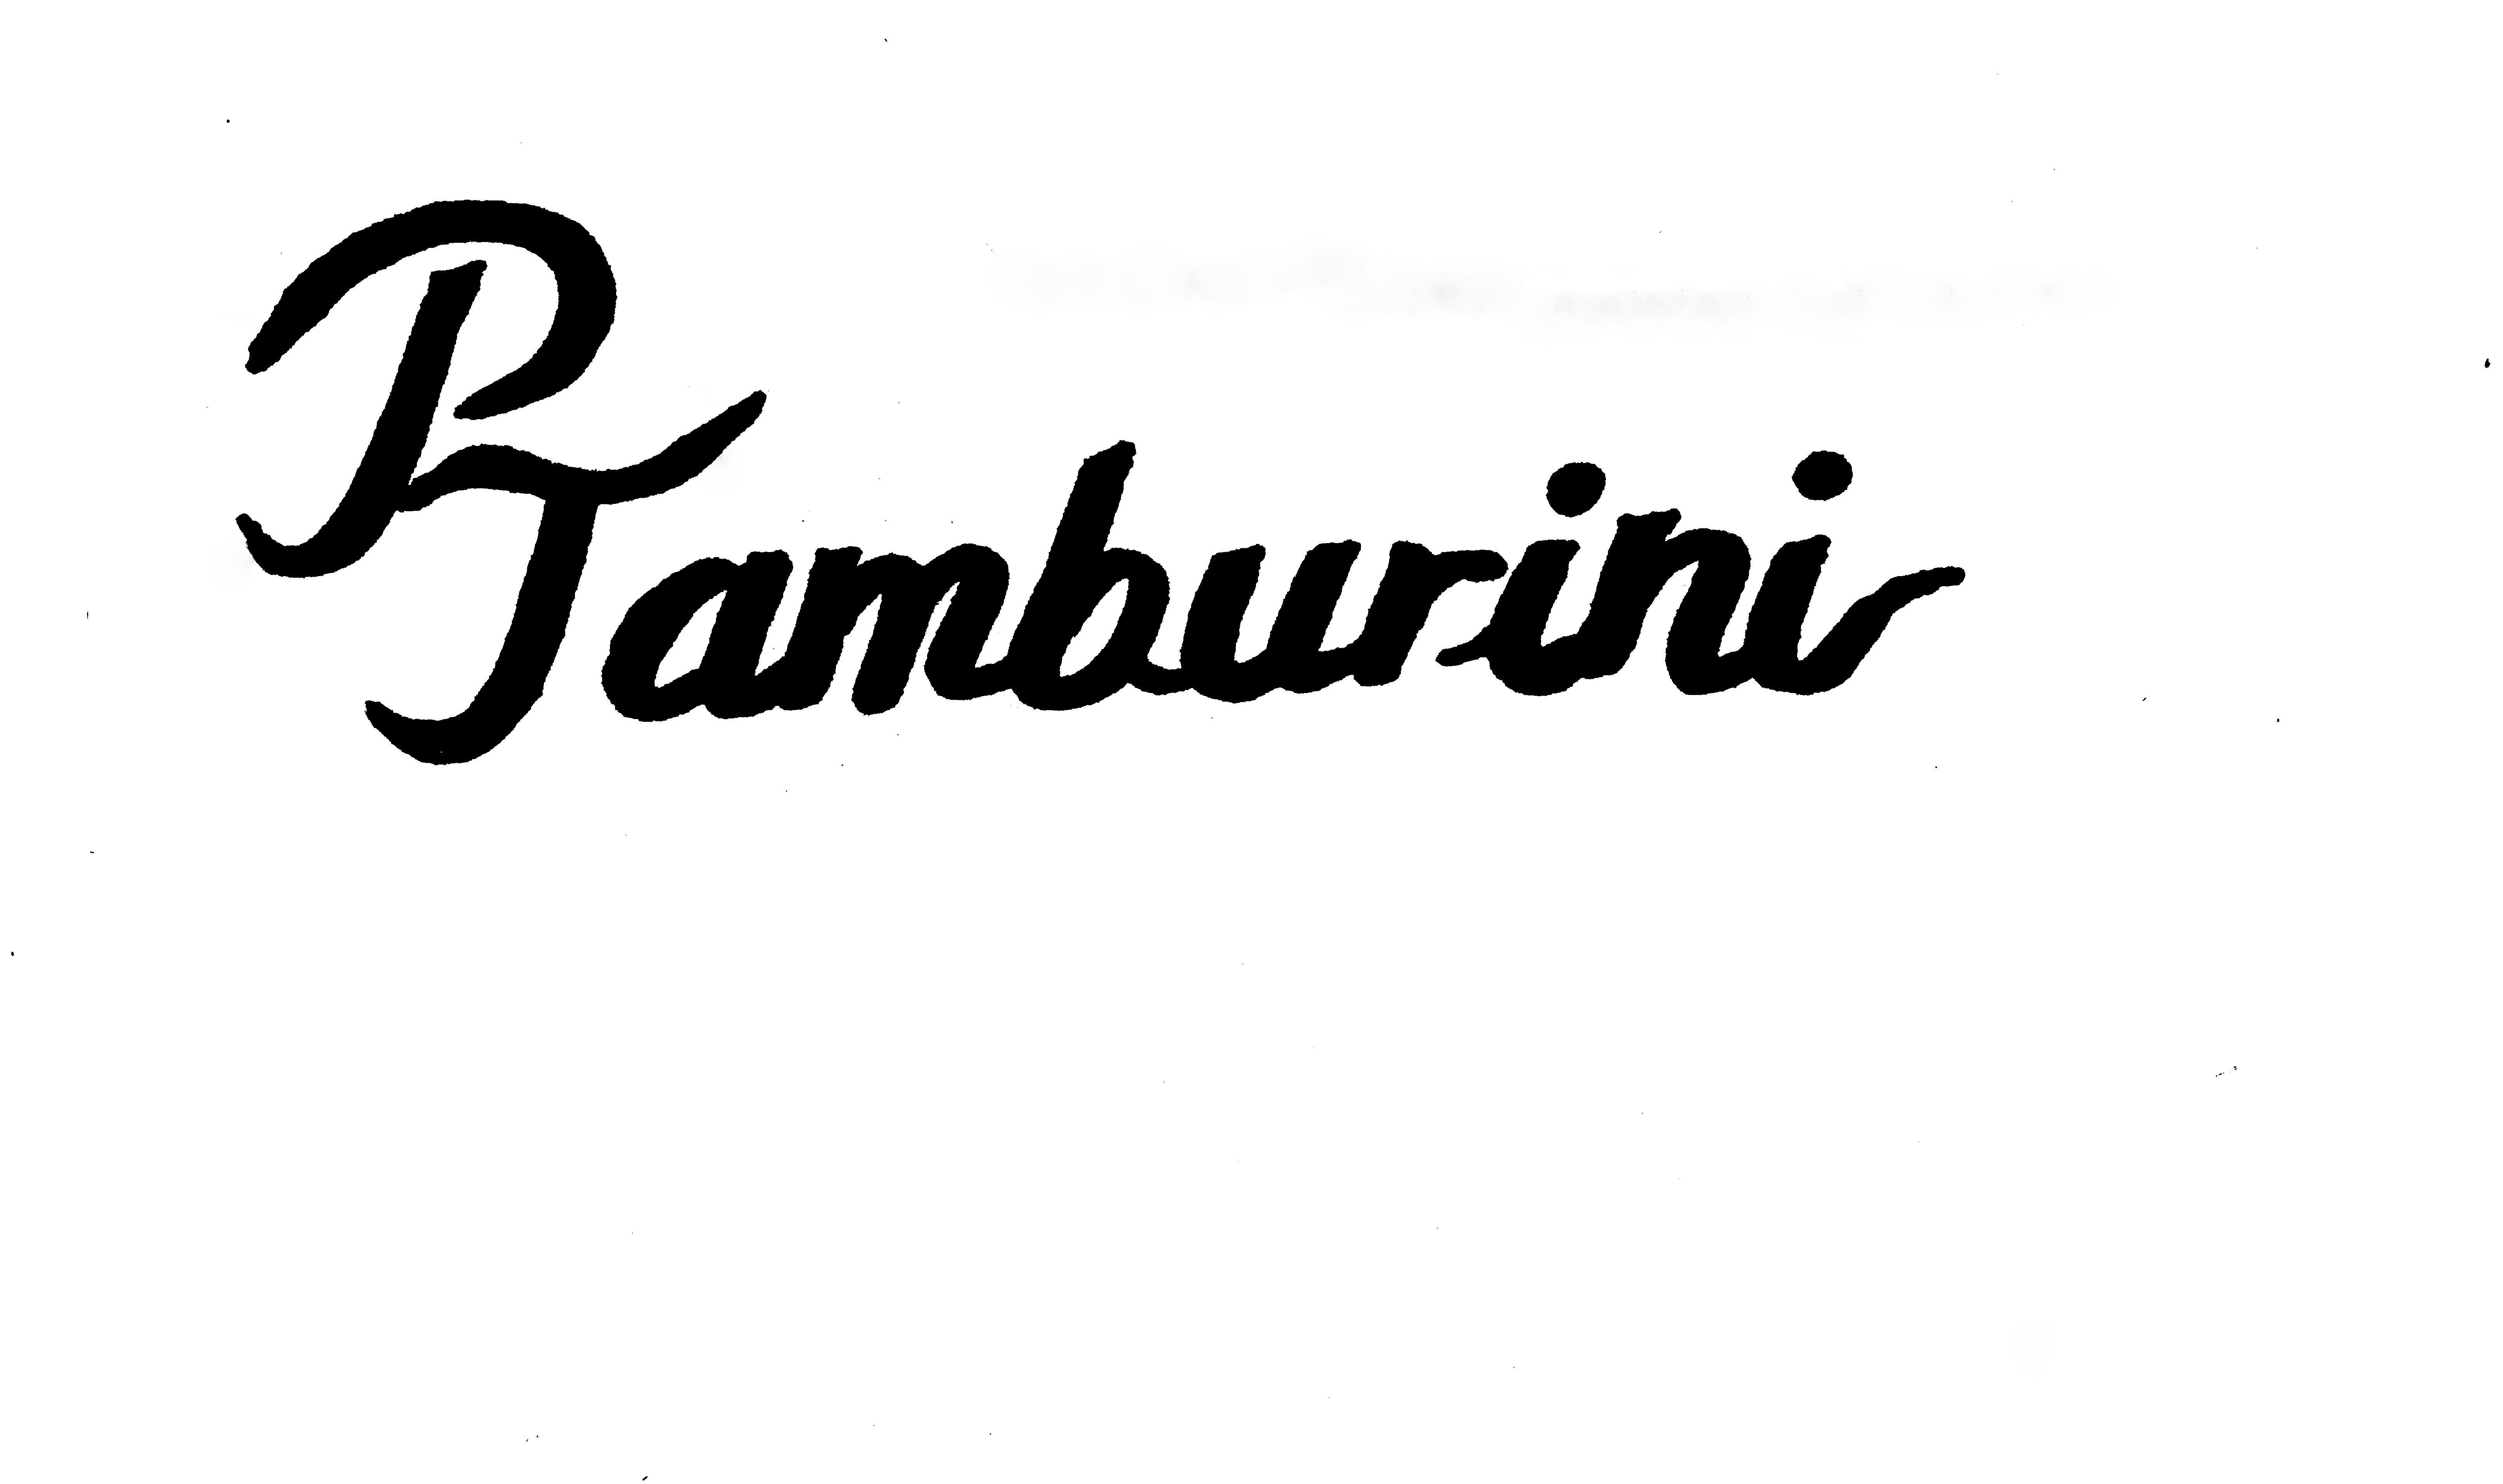 Patricia Tamburini Signature